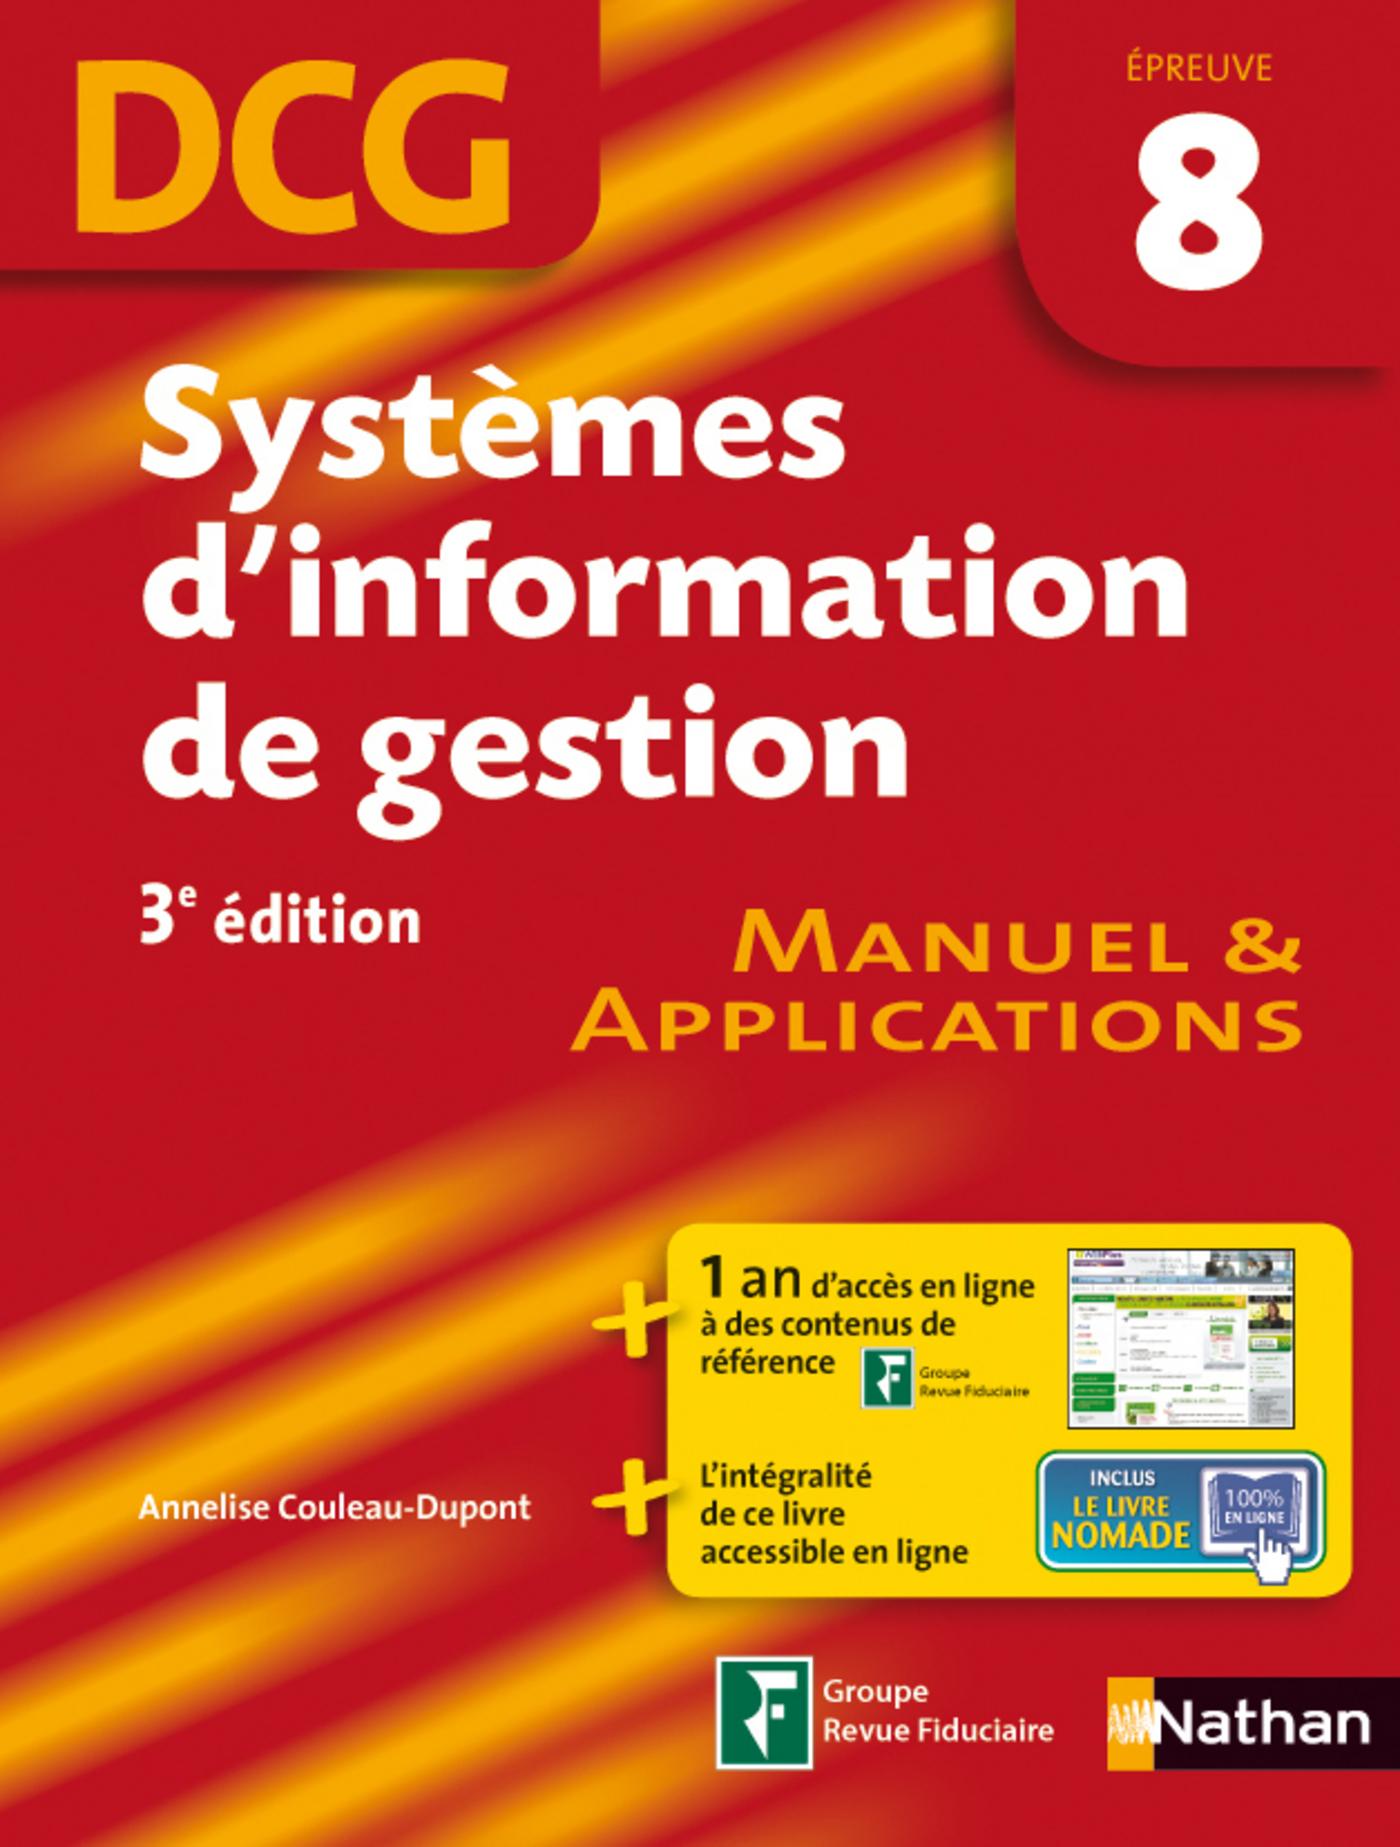 Systèmes d'information de gestion épreuve 8 DCG Manuel et Applications